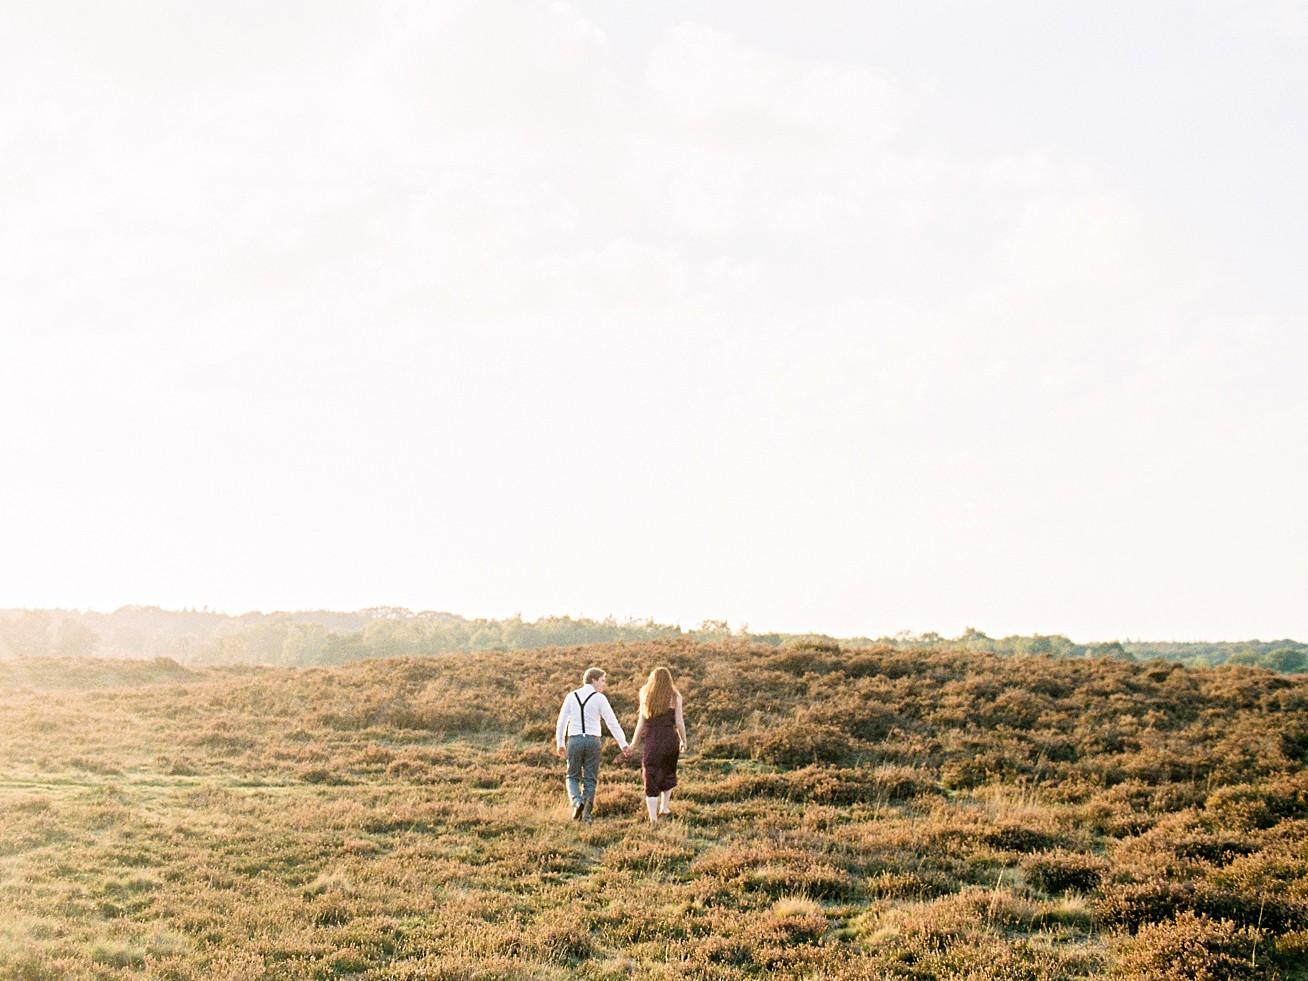 Amanda-Drost-Photography-fine-art-fotografie-nederland-coupleshoot-loveshoot_0001.jpg